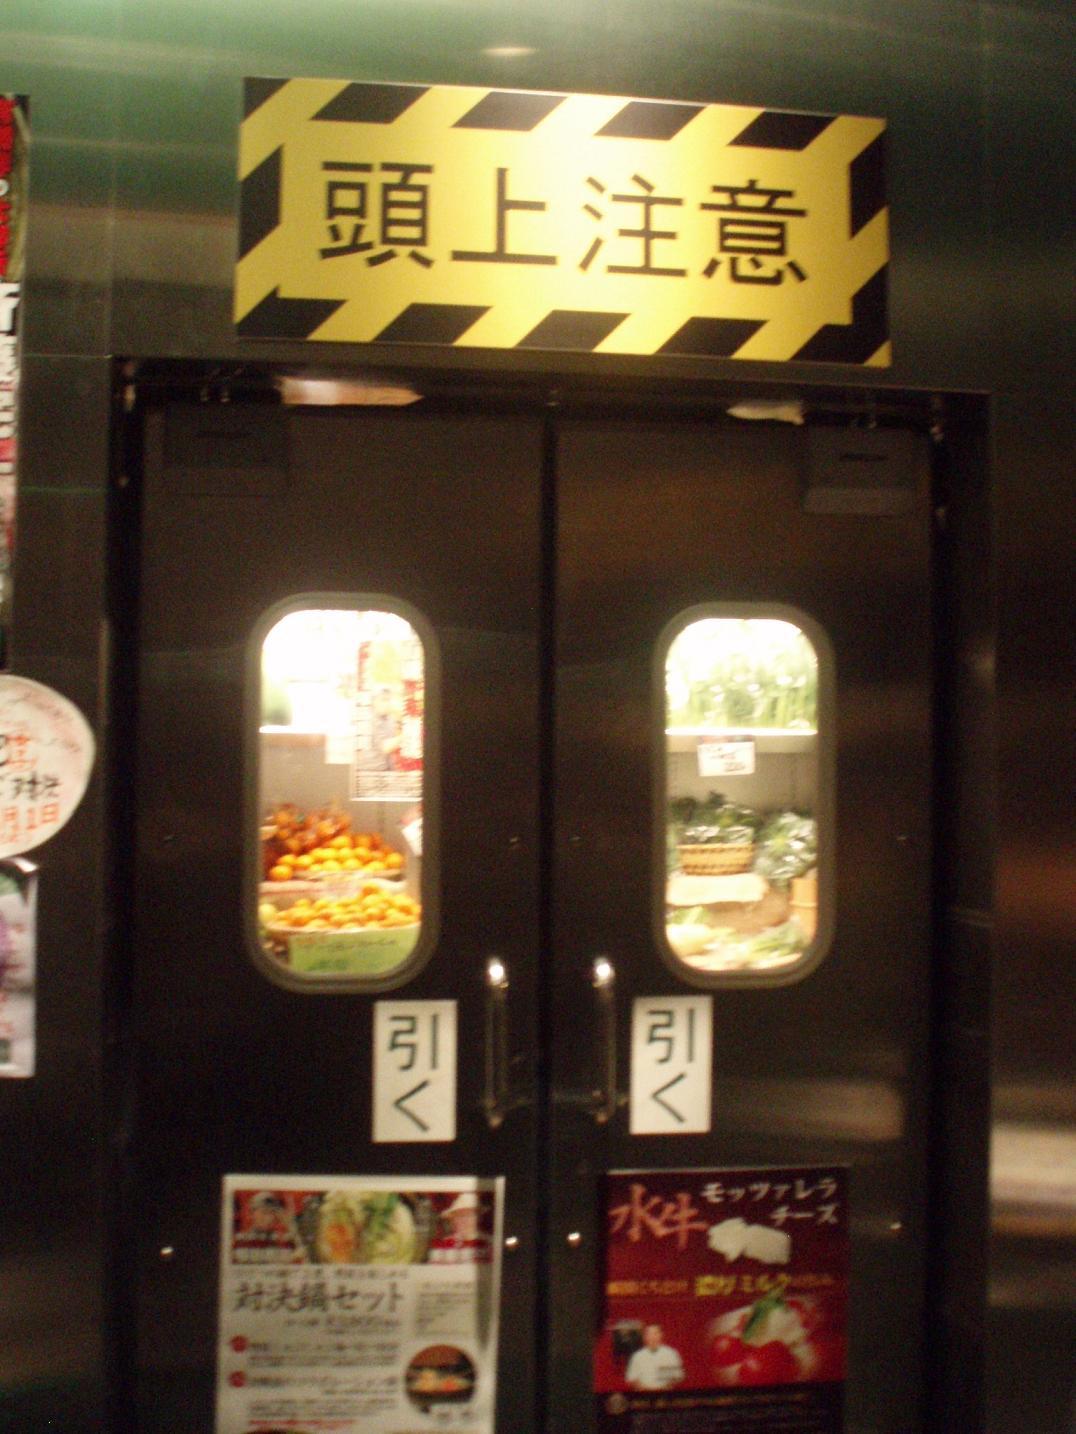 農家の台所?!恵比寿でのレストラン探訪_f0095325_13314587.jpg